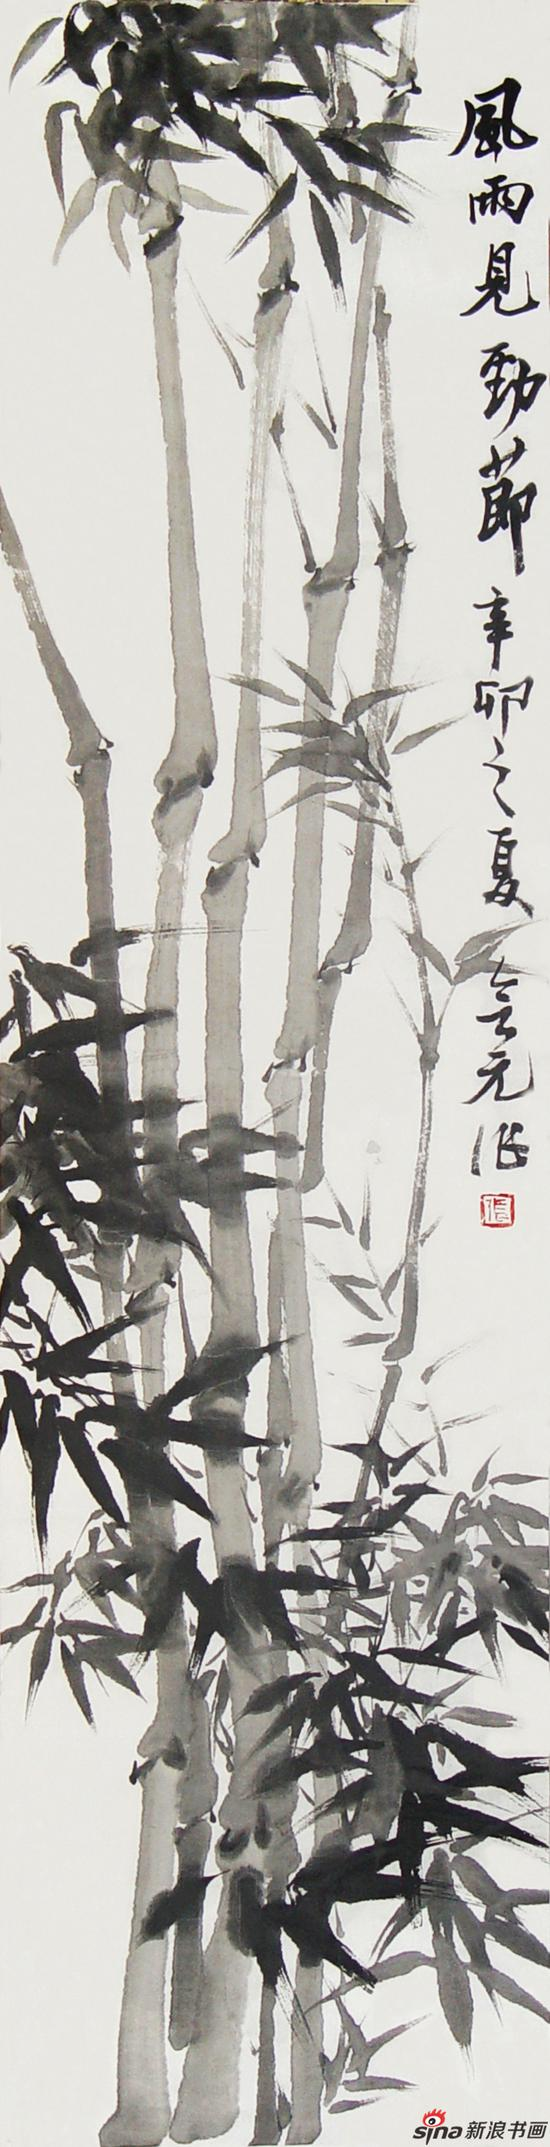 张会元作品《风雨见劲节》 136cmX34cm 2011年